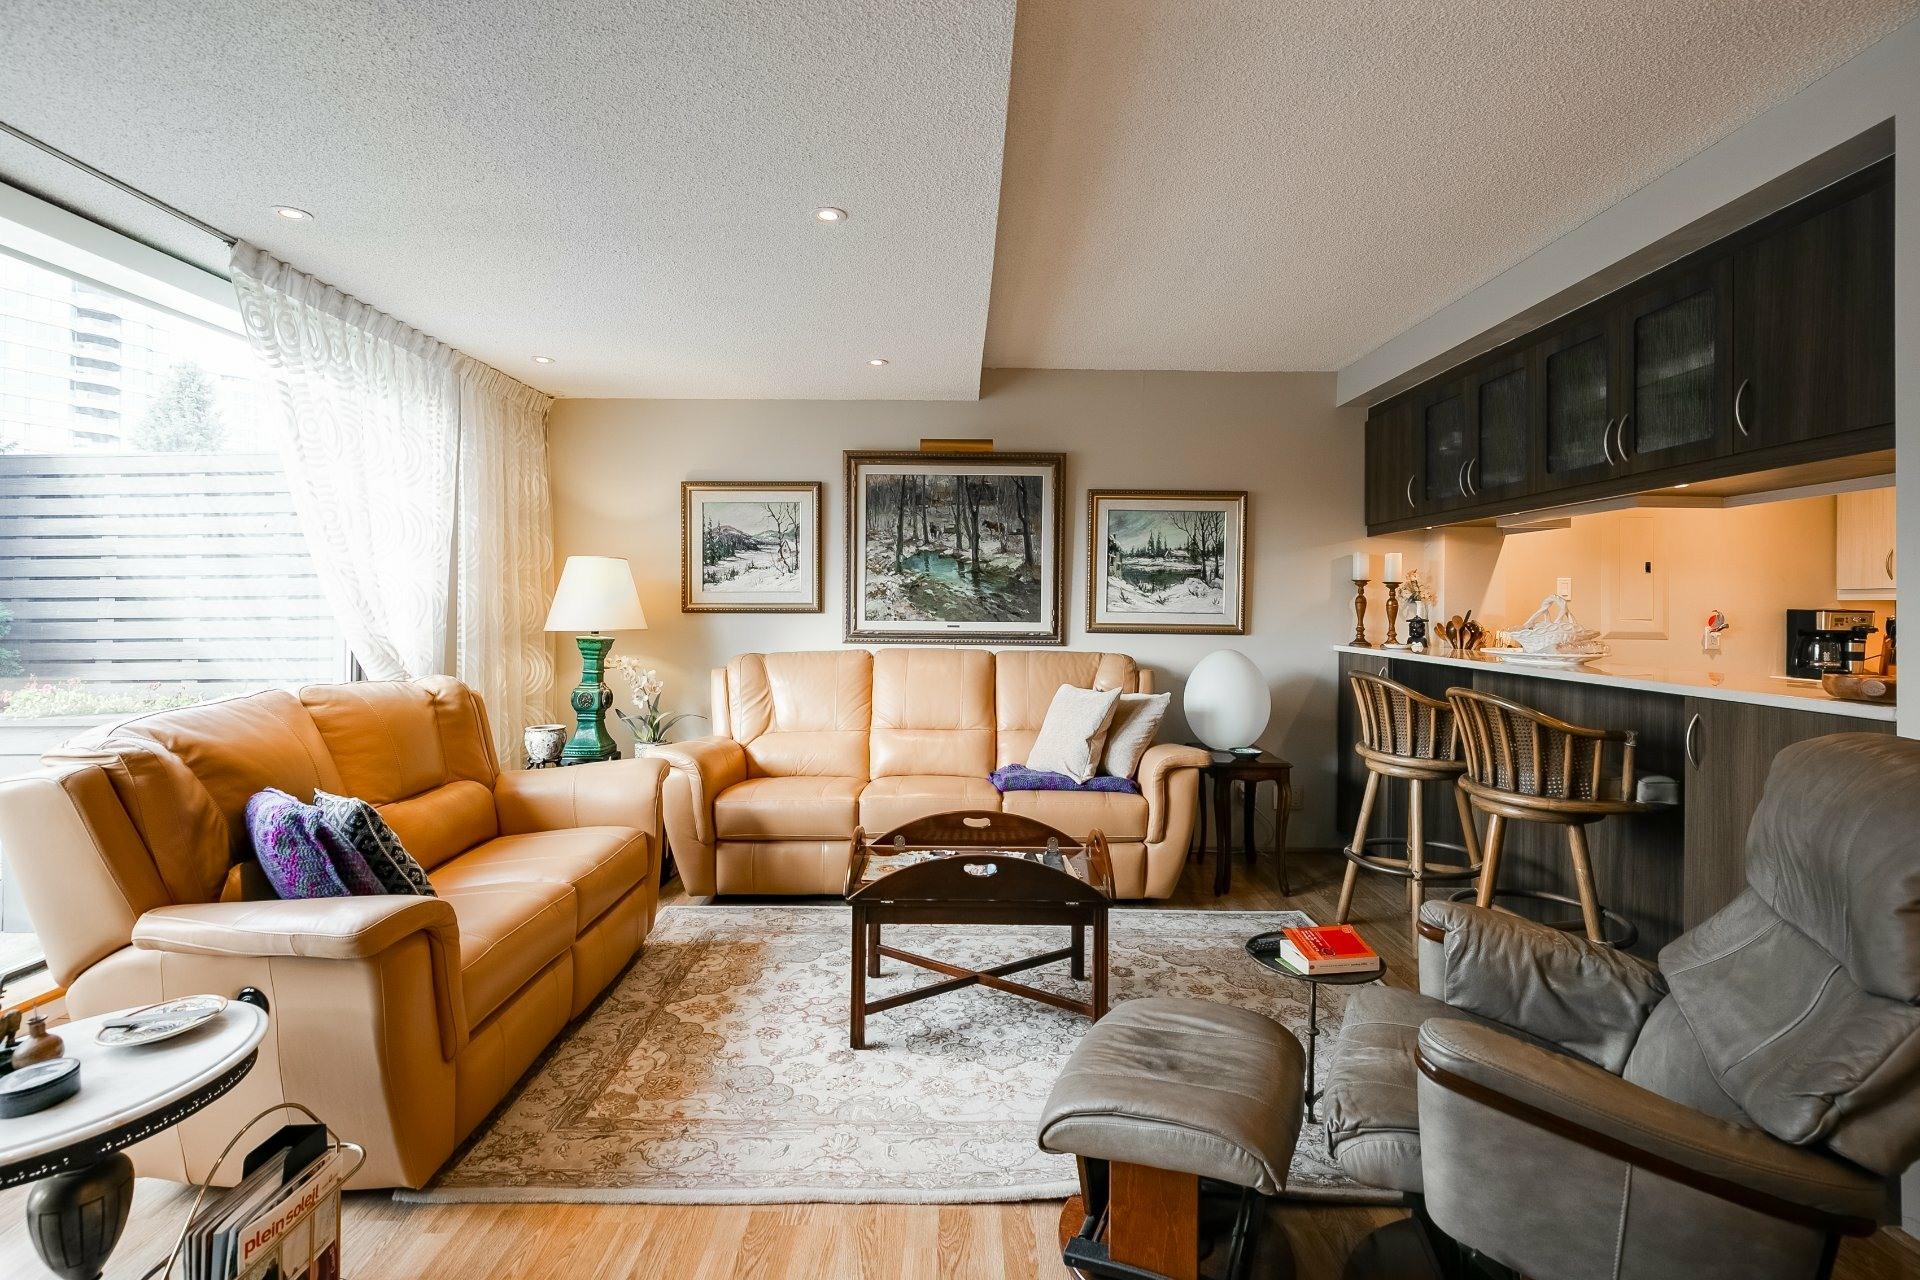 image 10 - Appartement À vendre Montréal Verdun/Île-des-Soeurs  - 6 pièces